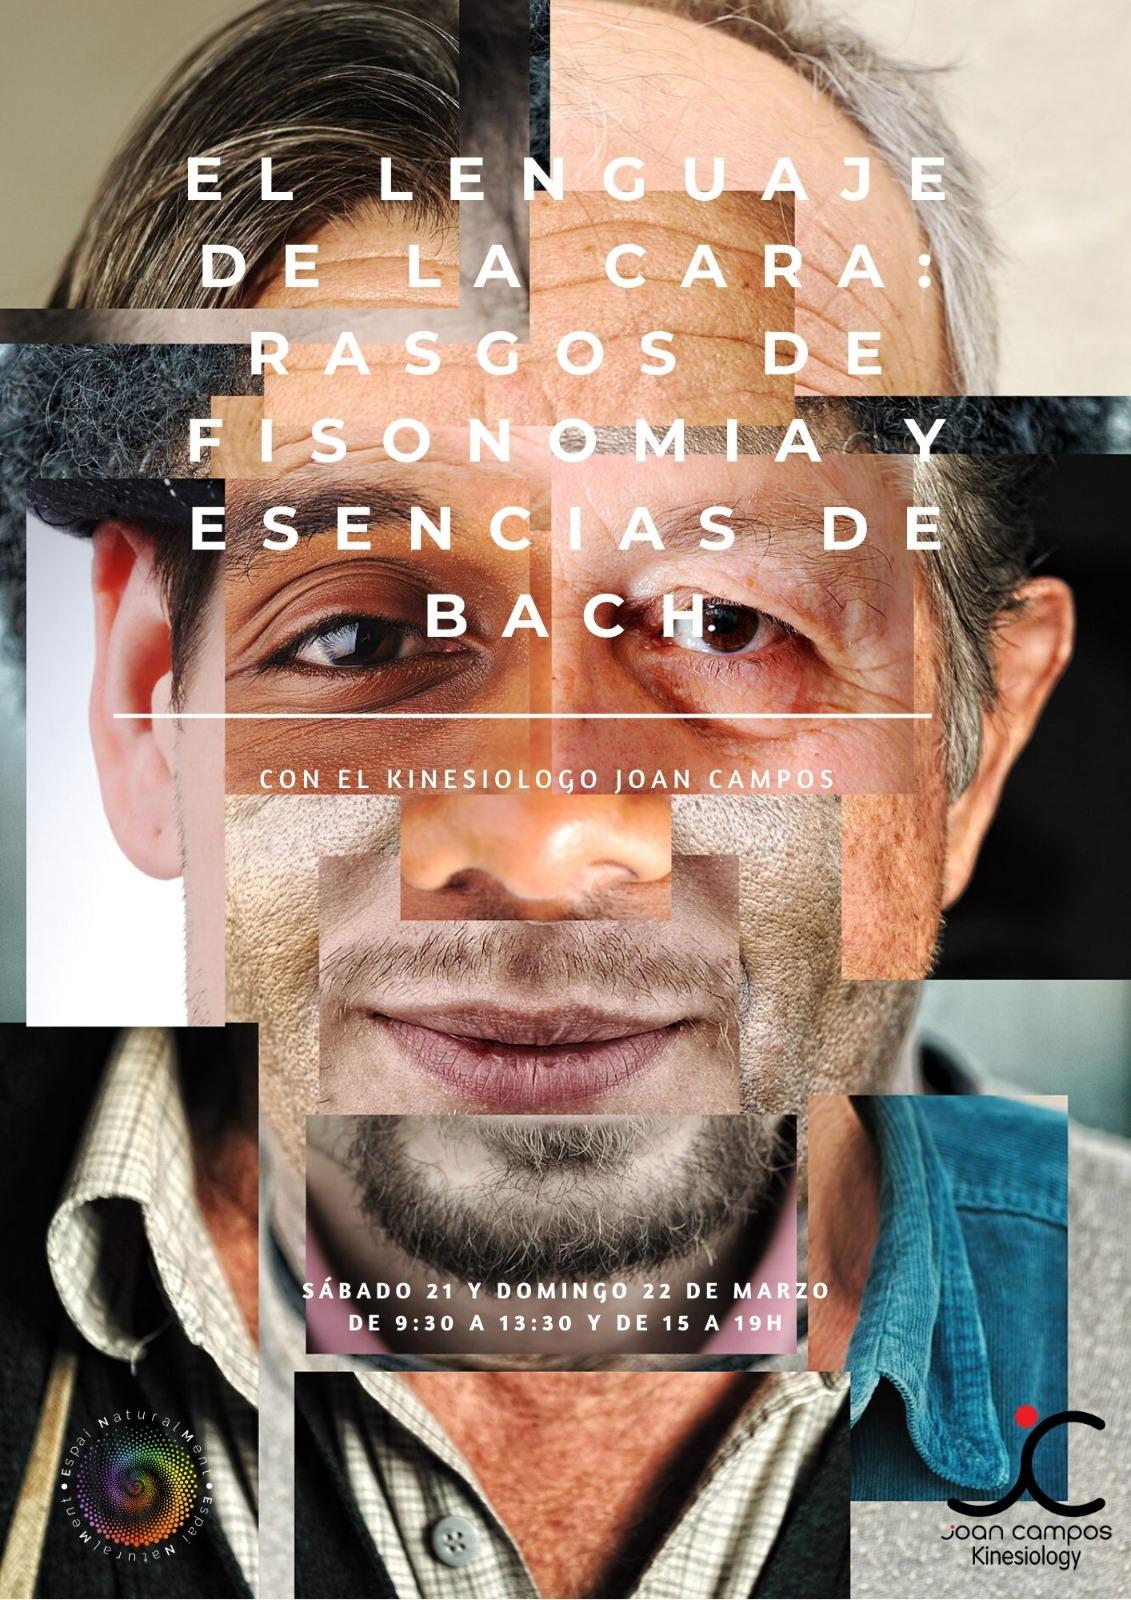 El lenguaje de la cara 21 y 22 de Marzo Espainaturalment